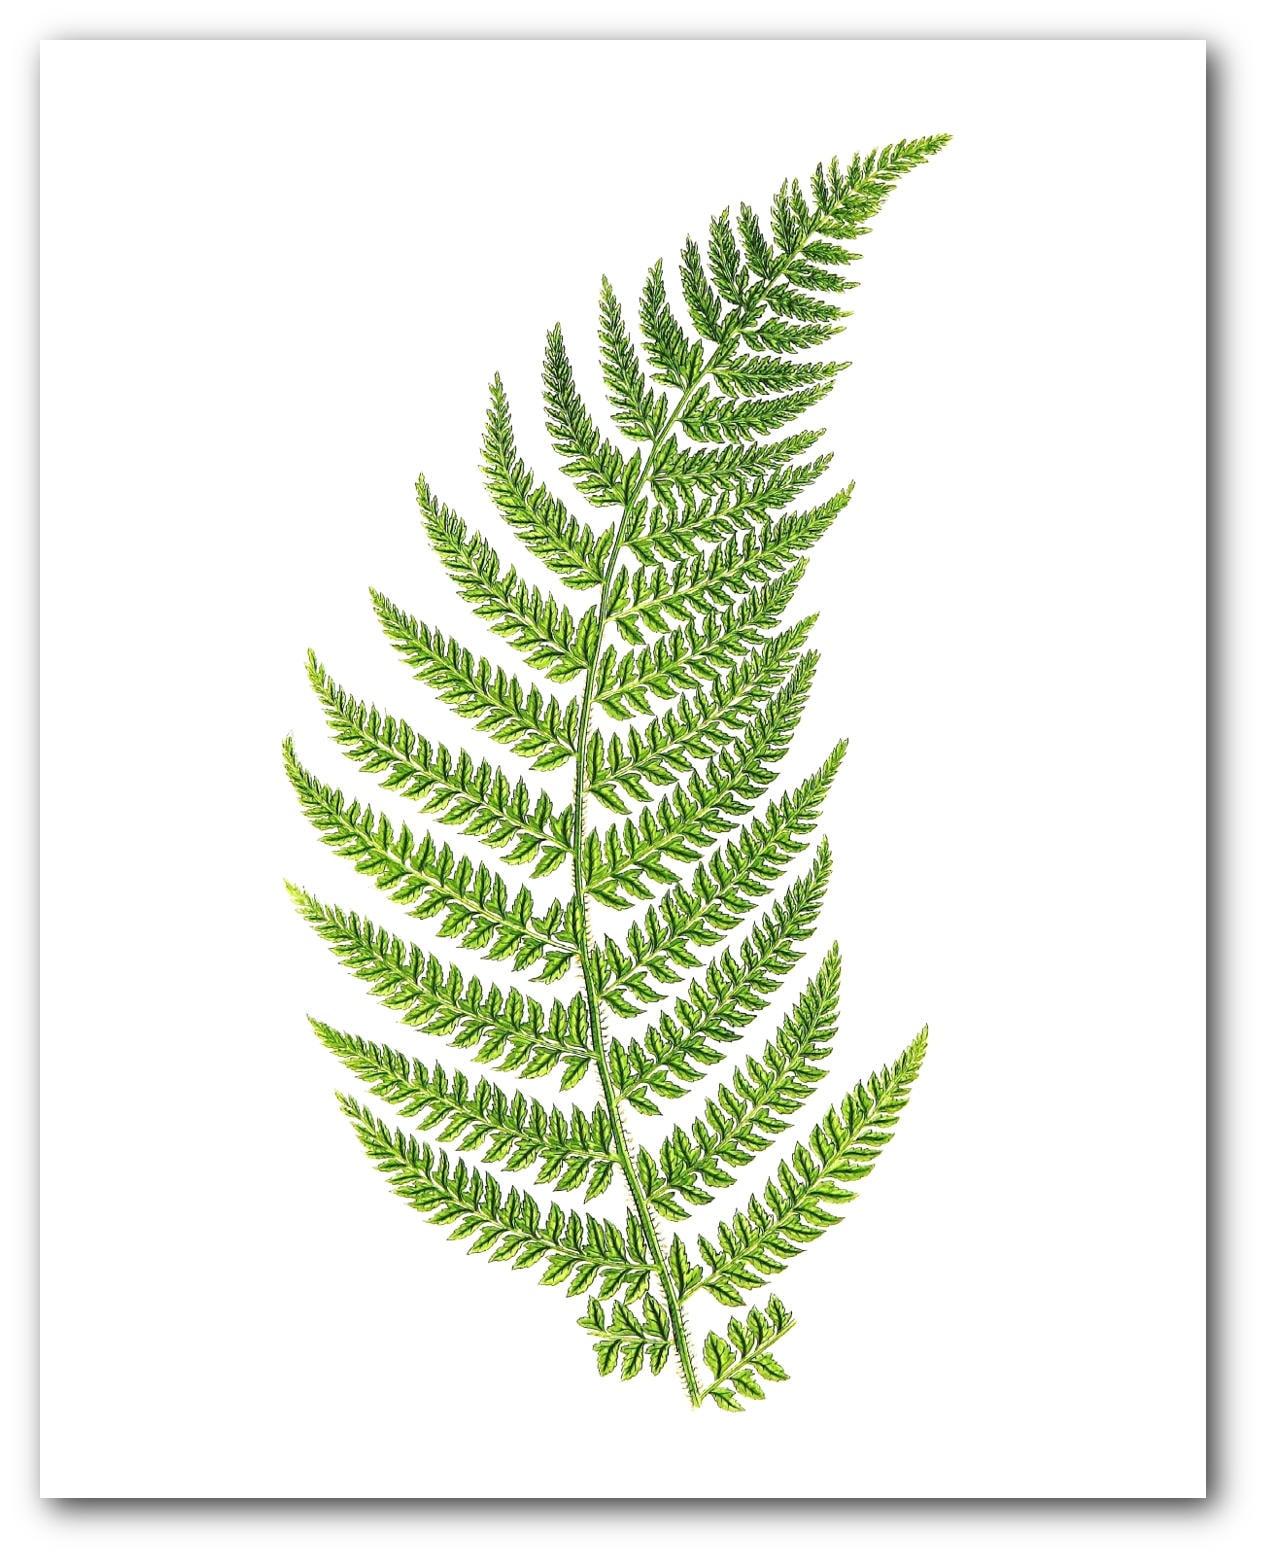 Farn drucken grün Farn botanischen Farn Kunst botanische